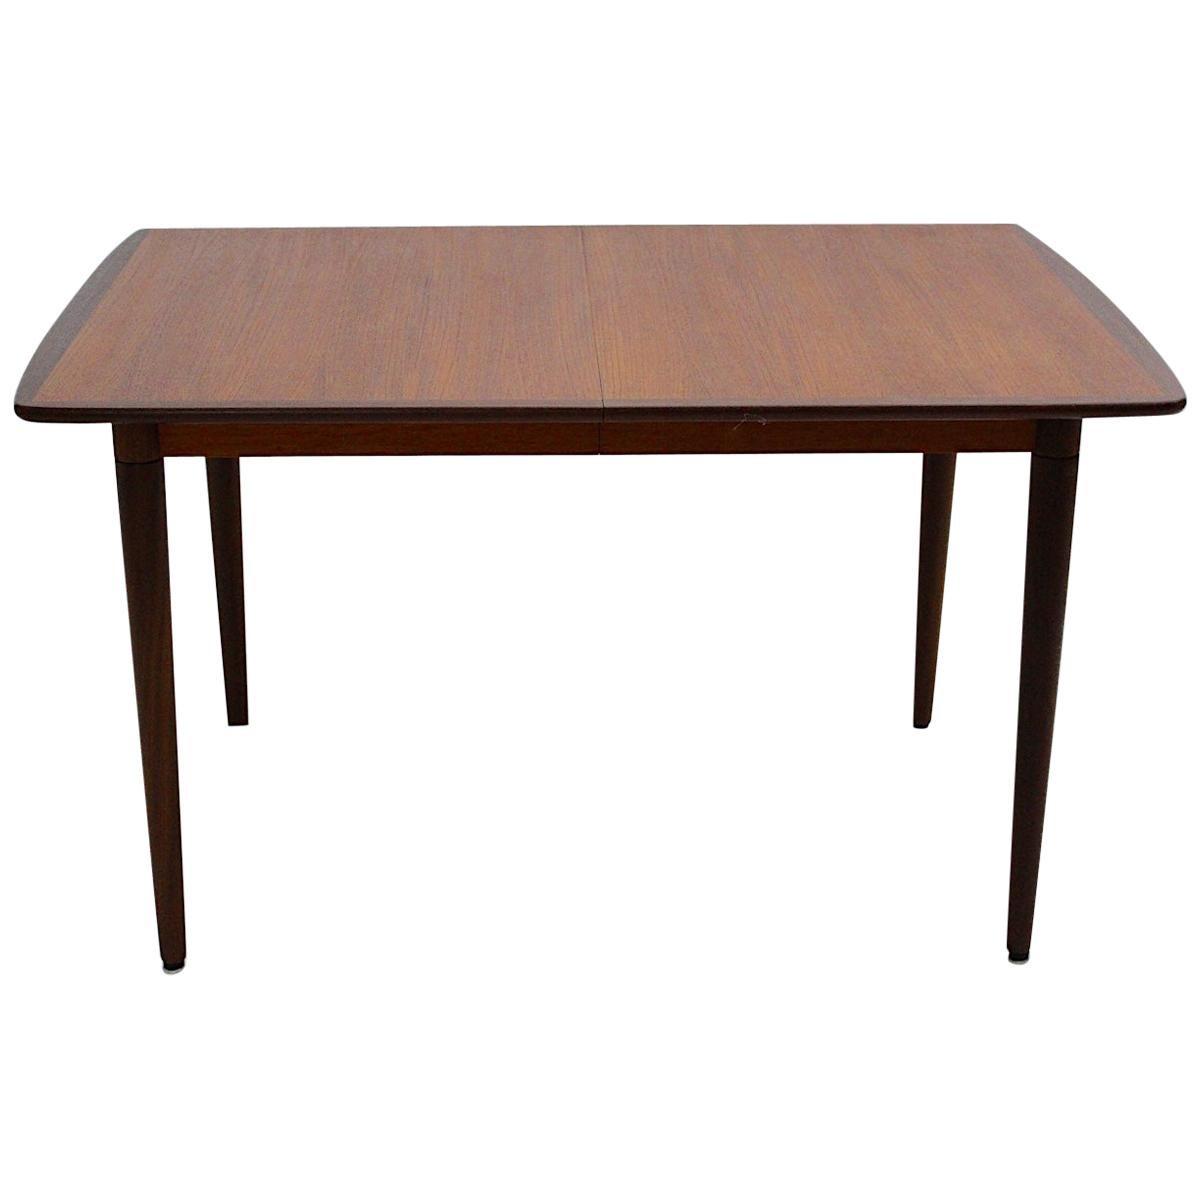 Scandinavian Modern Vintage Teak Extending Dining Table or Table Denmark, 1960s